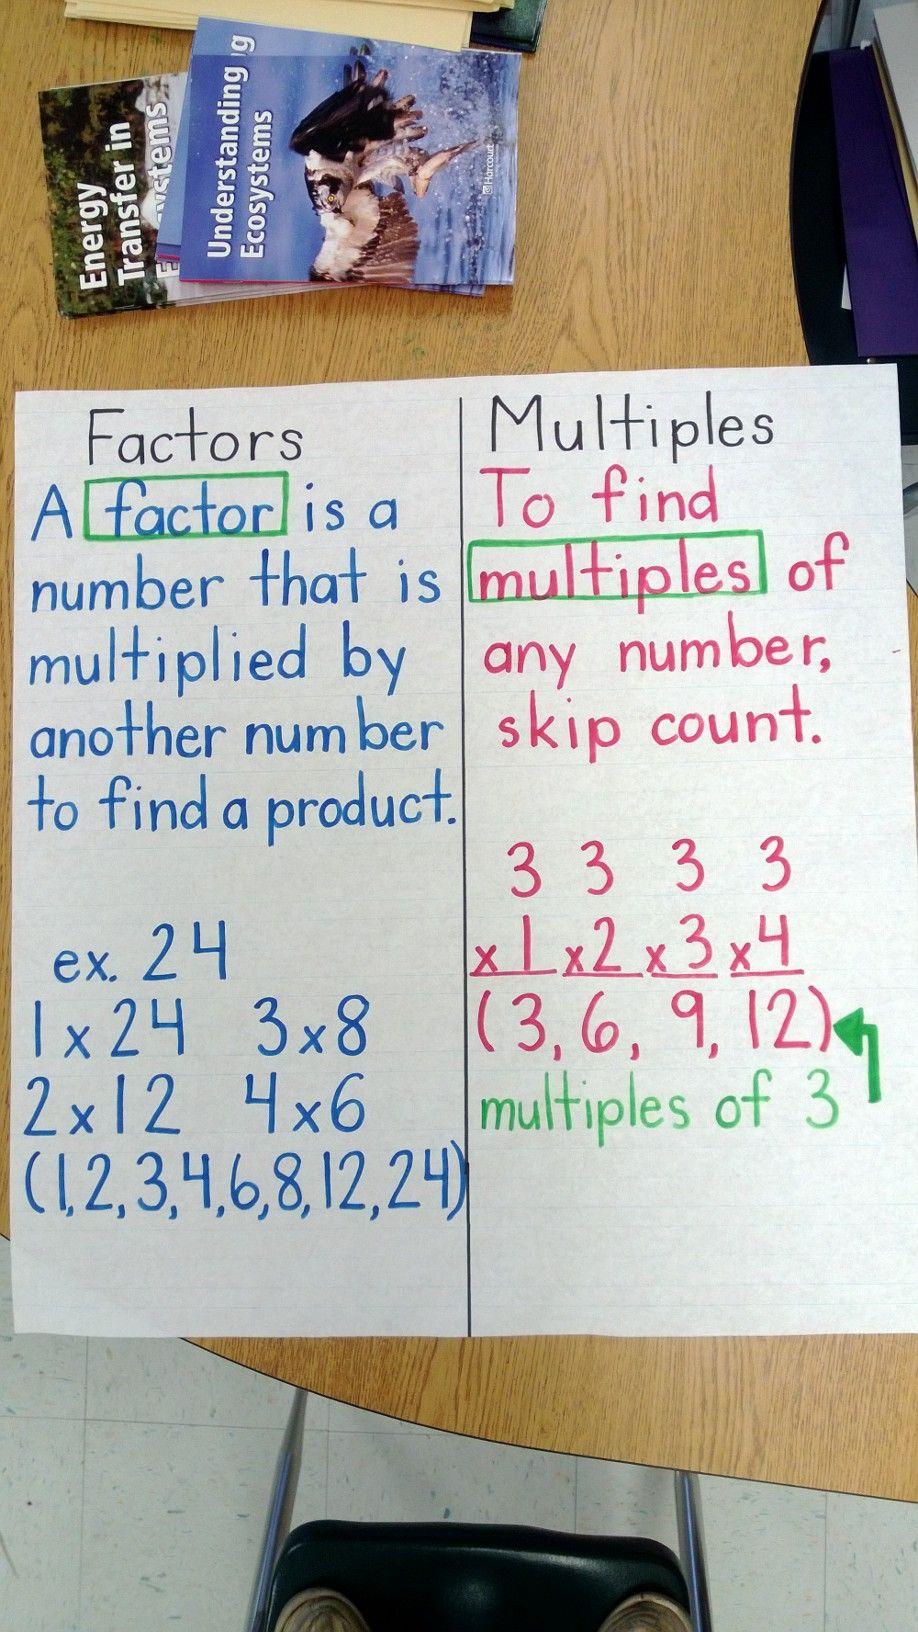 Factors vs multiples anchor chart education anchor charts factors vs multiples anchor chart nvjuhfo Images